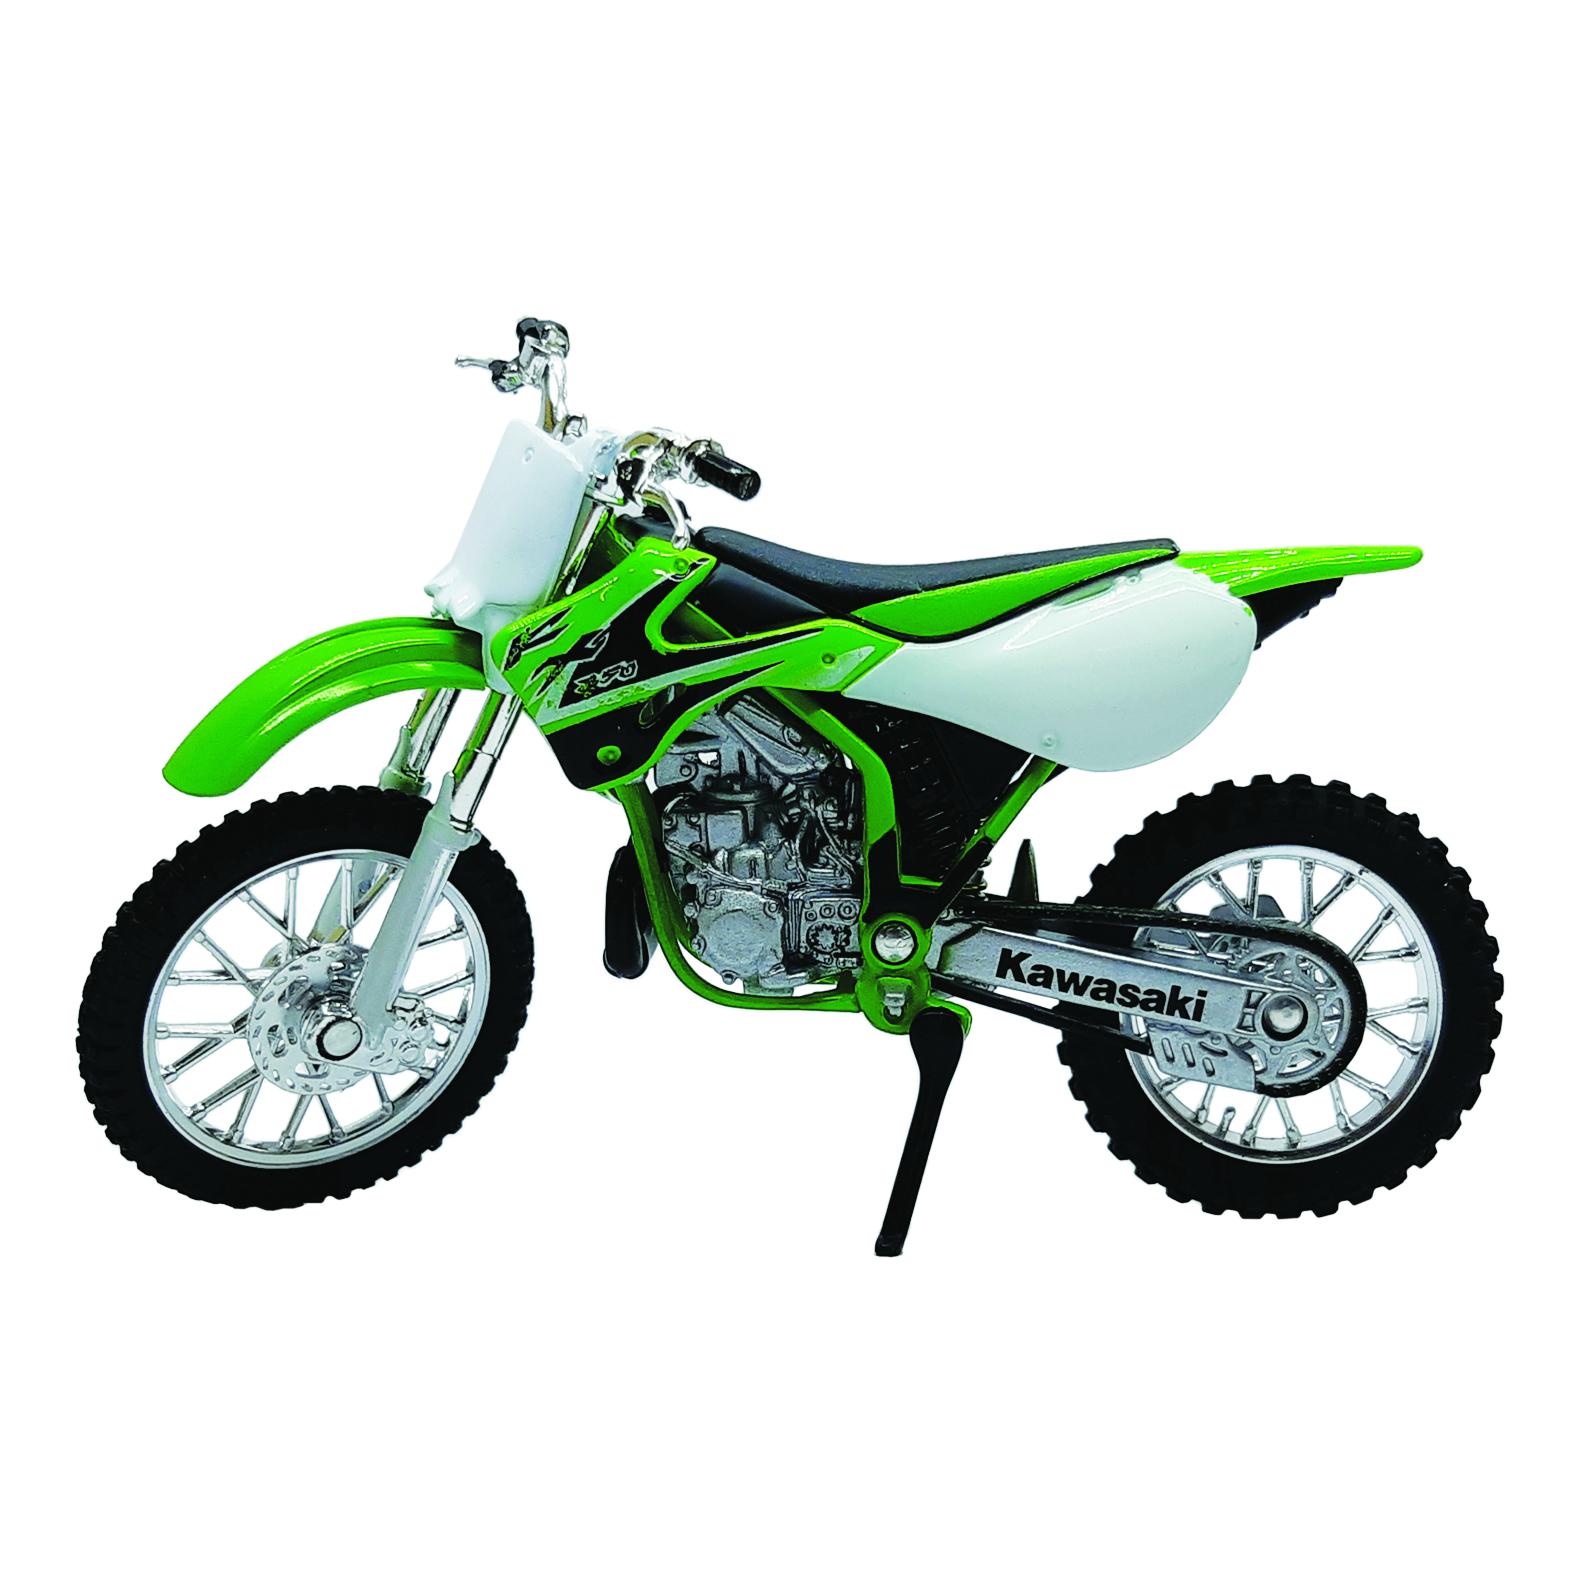 موتور بازی ولی مدل Kawasaki KX 250